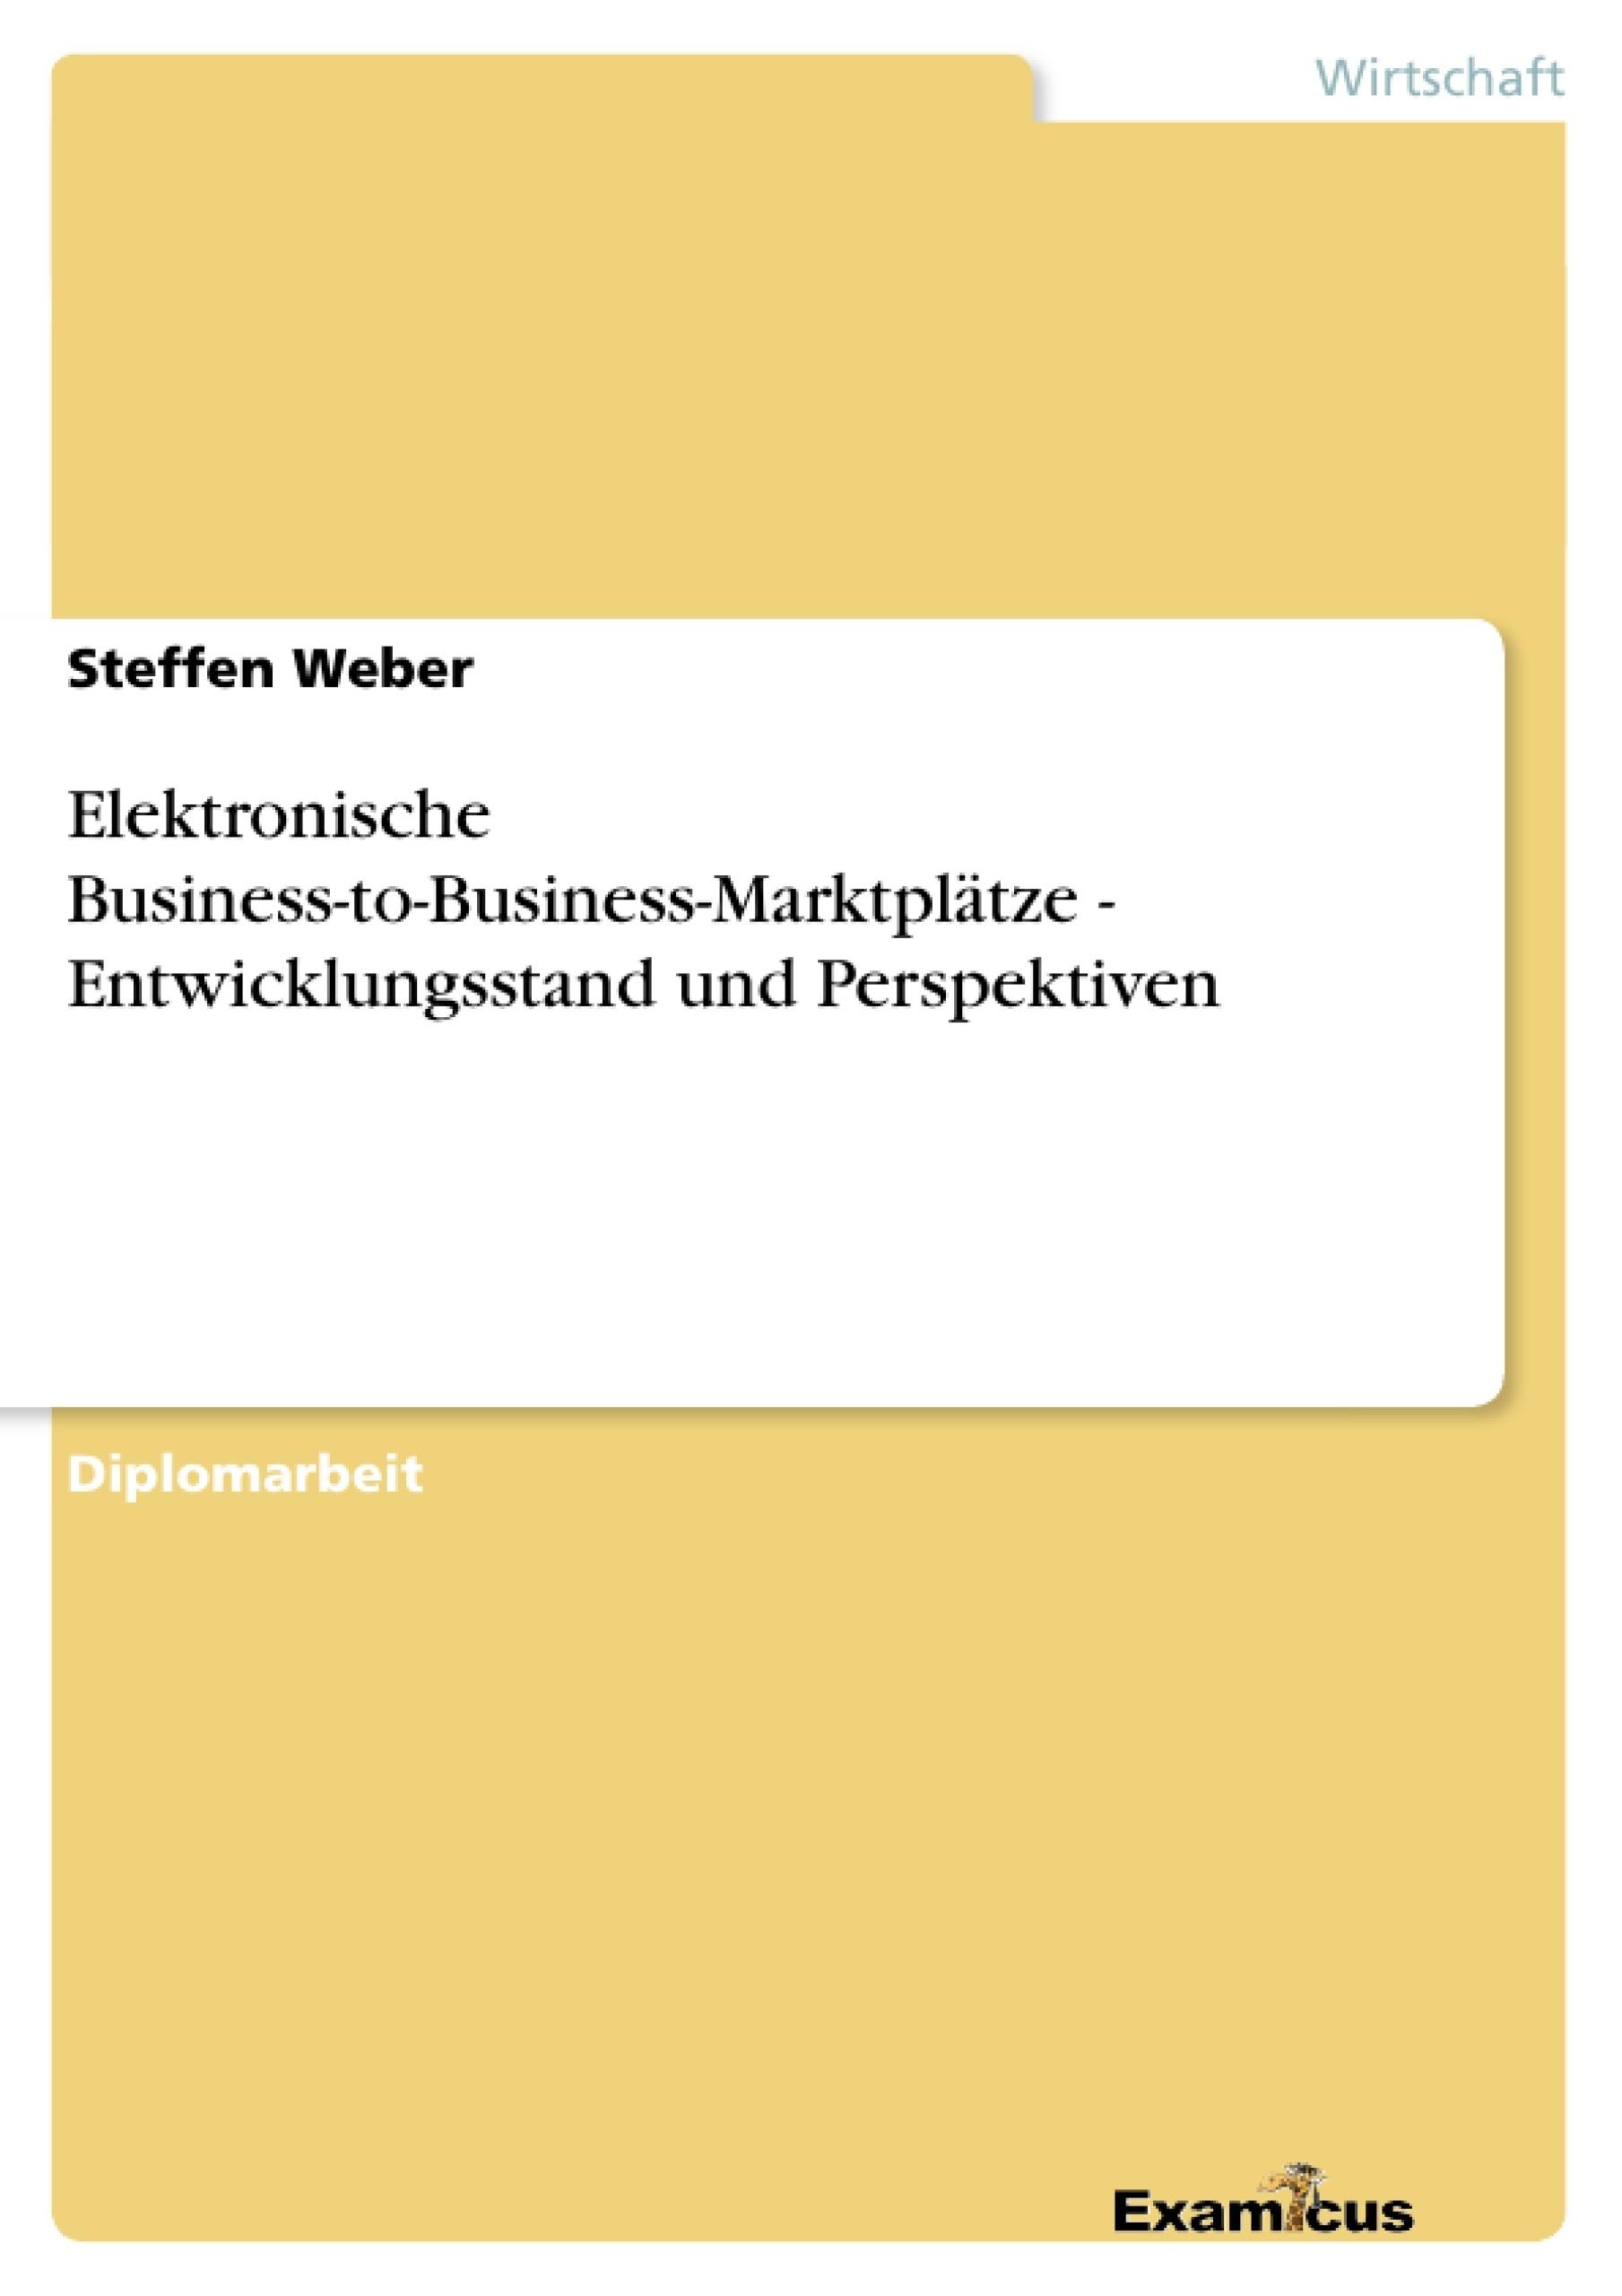 Titel: Elektronische Business-to-Business-Marktplätze - Entwicklungsstand und Perspektiven